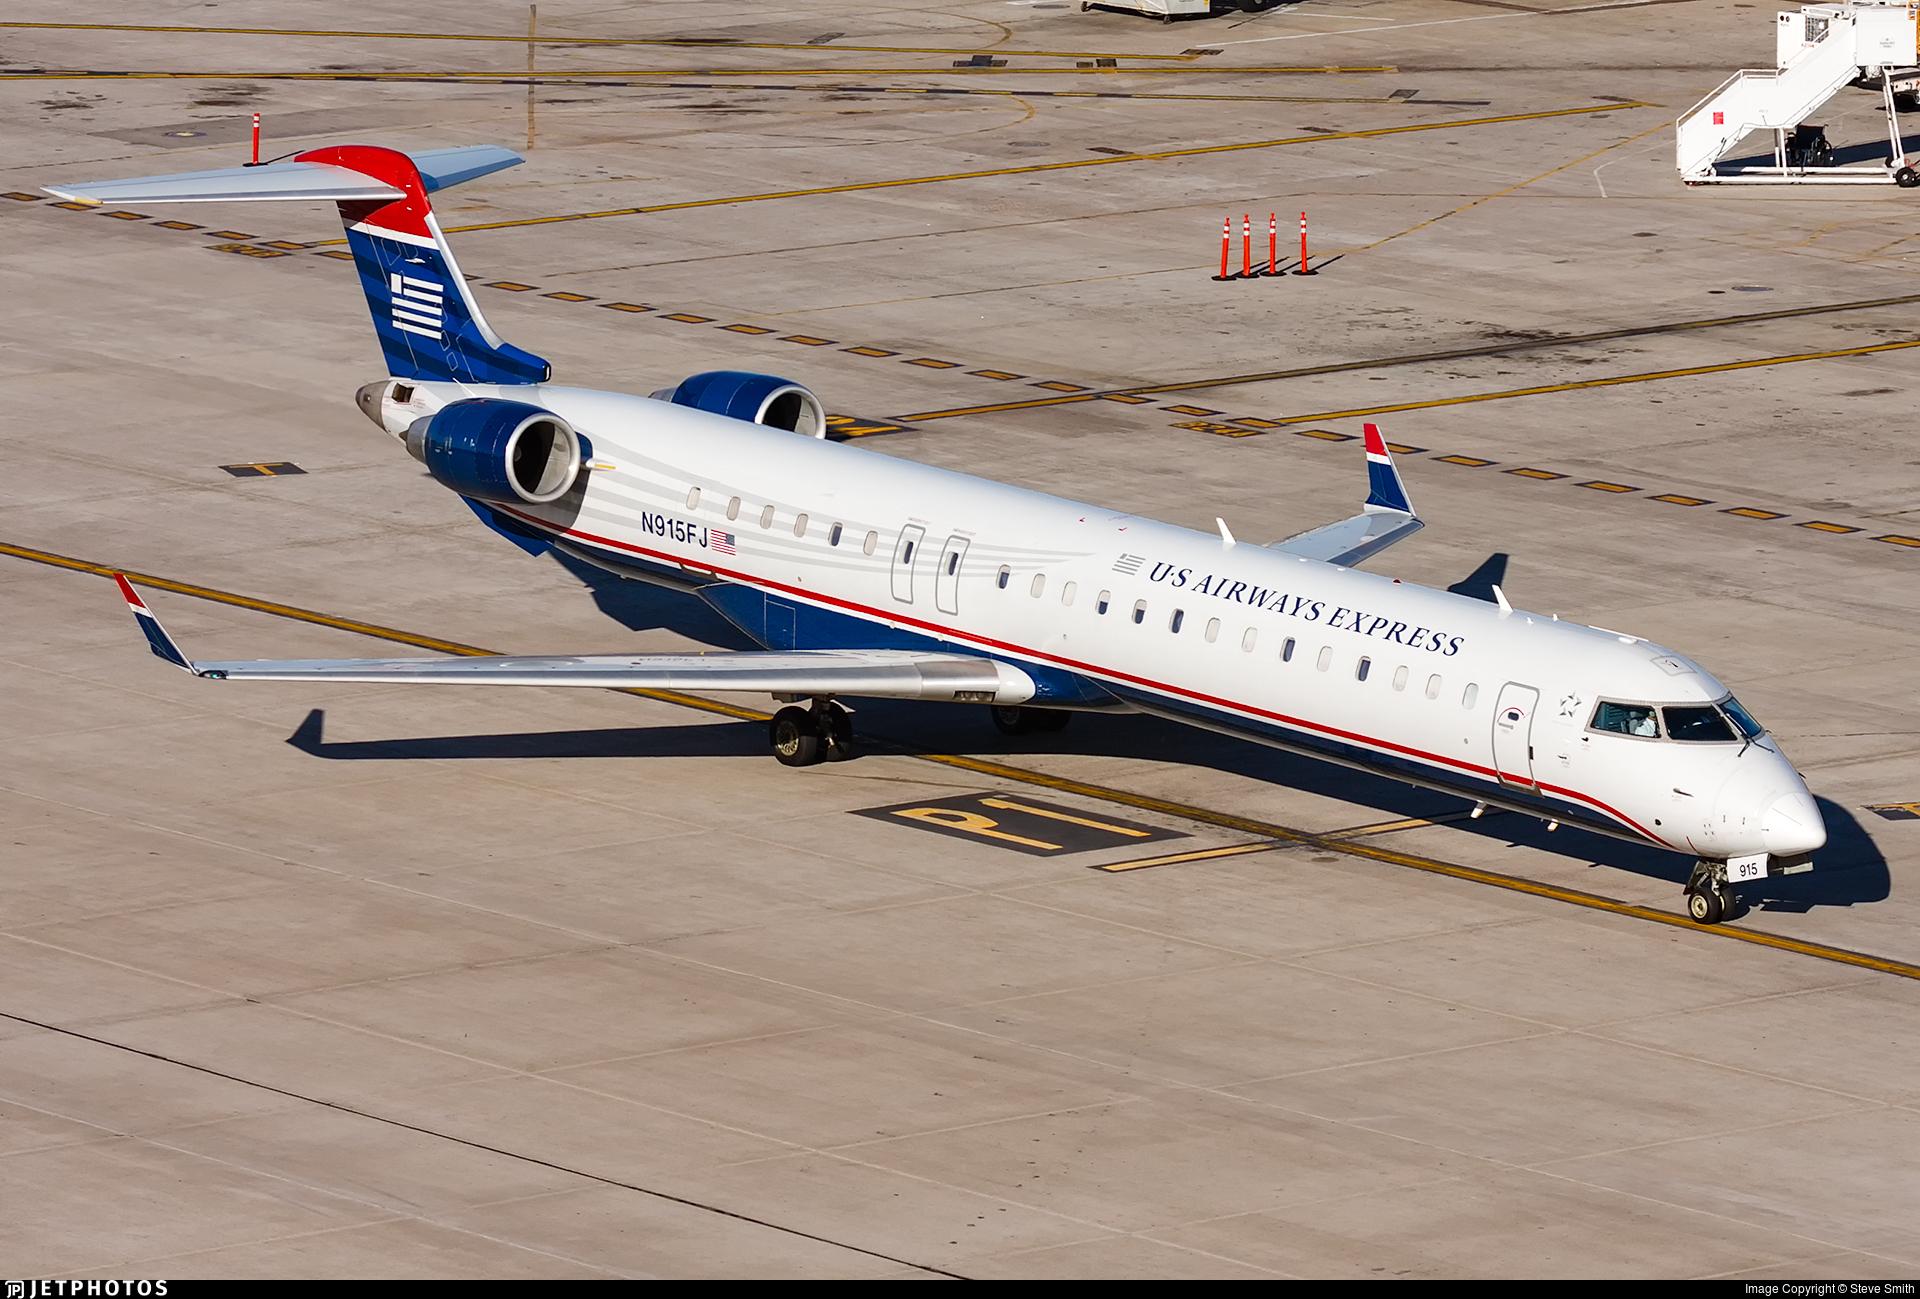 N915FJ - Bombardier CRJ-900ER - US Airways Express (Mesa Airlines)